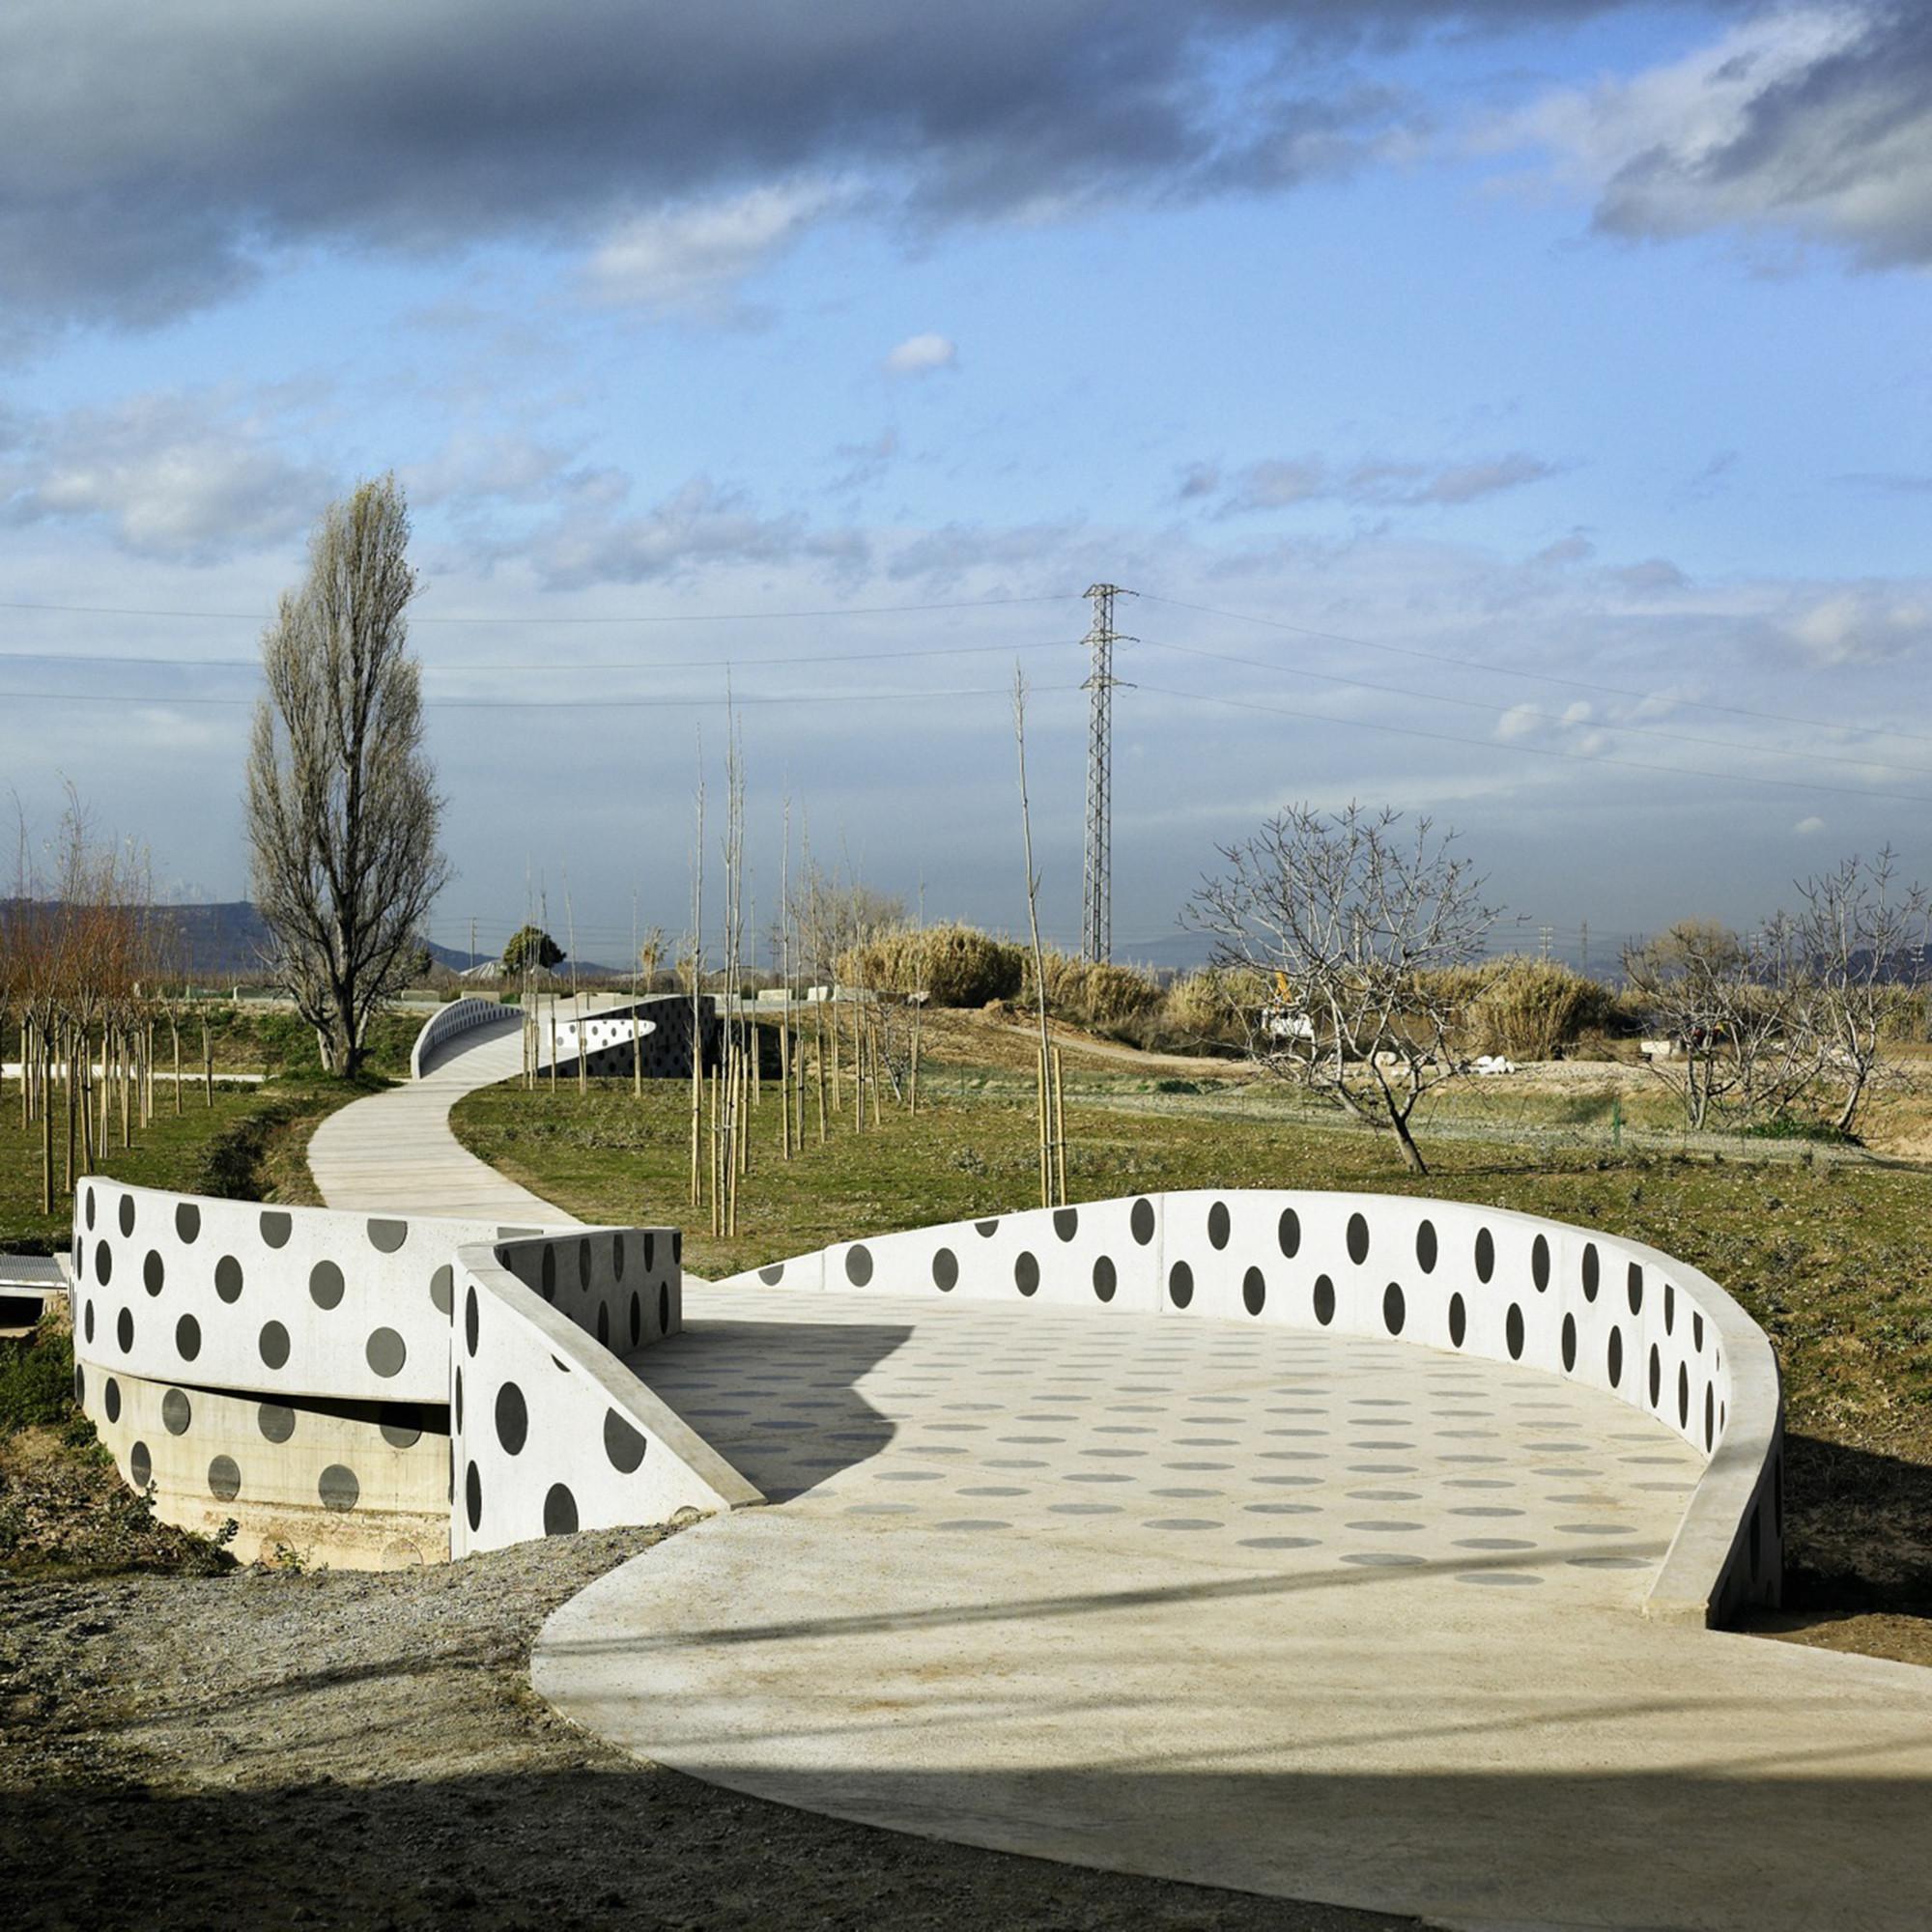 Recuperación Ambiental del Río Llobregat / Battle I Roig Arquitectes, © Jordi Puig